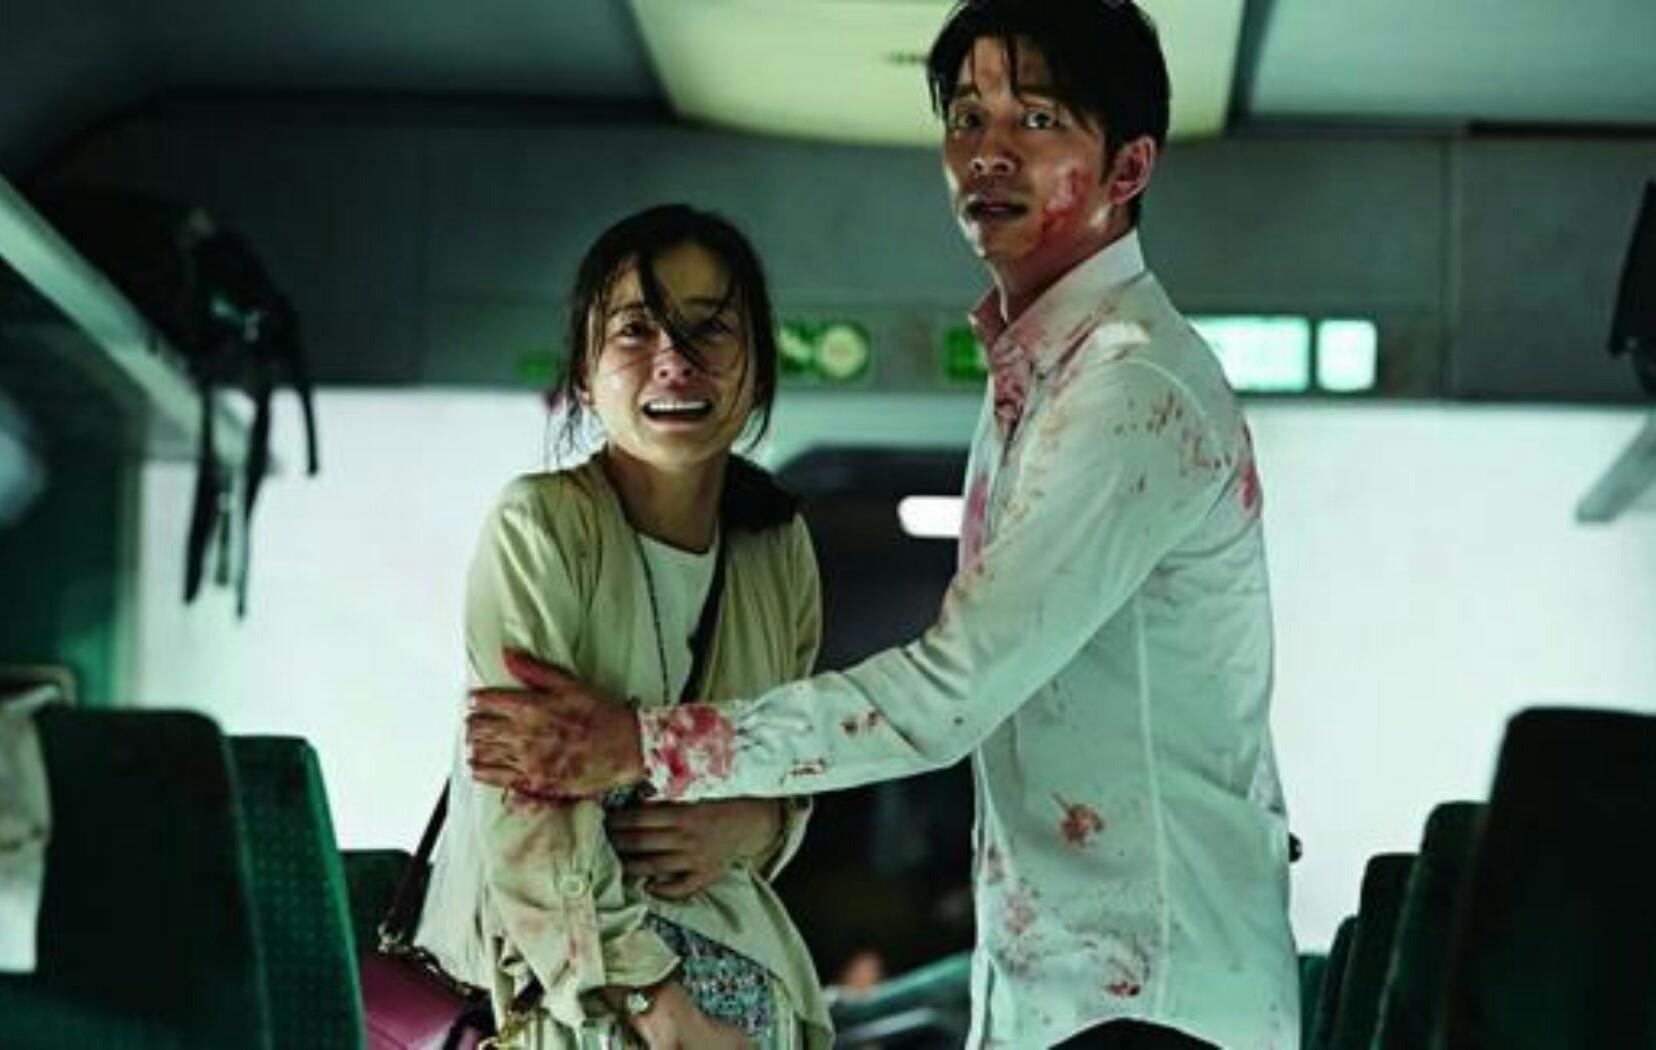 ساخت نسخه آمریکایی فیلم ترسناک «قطار بوسان»